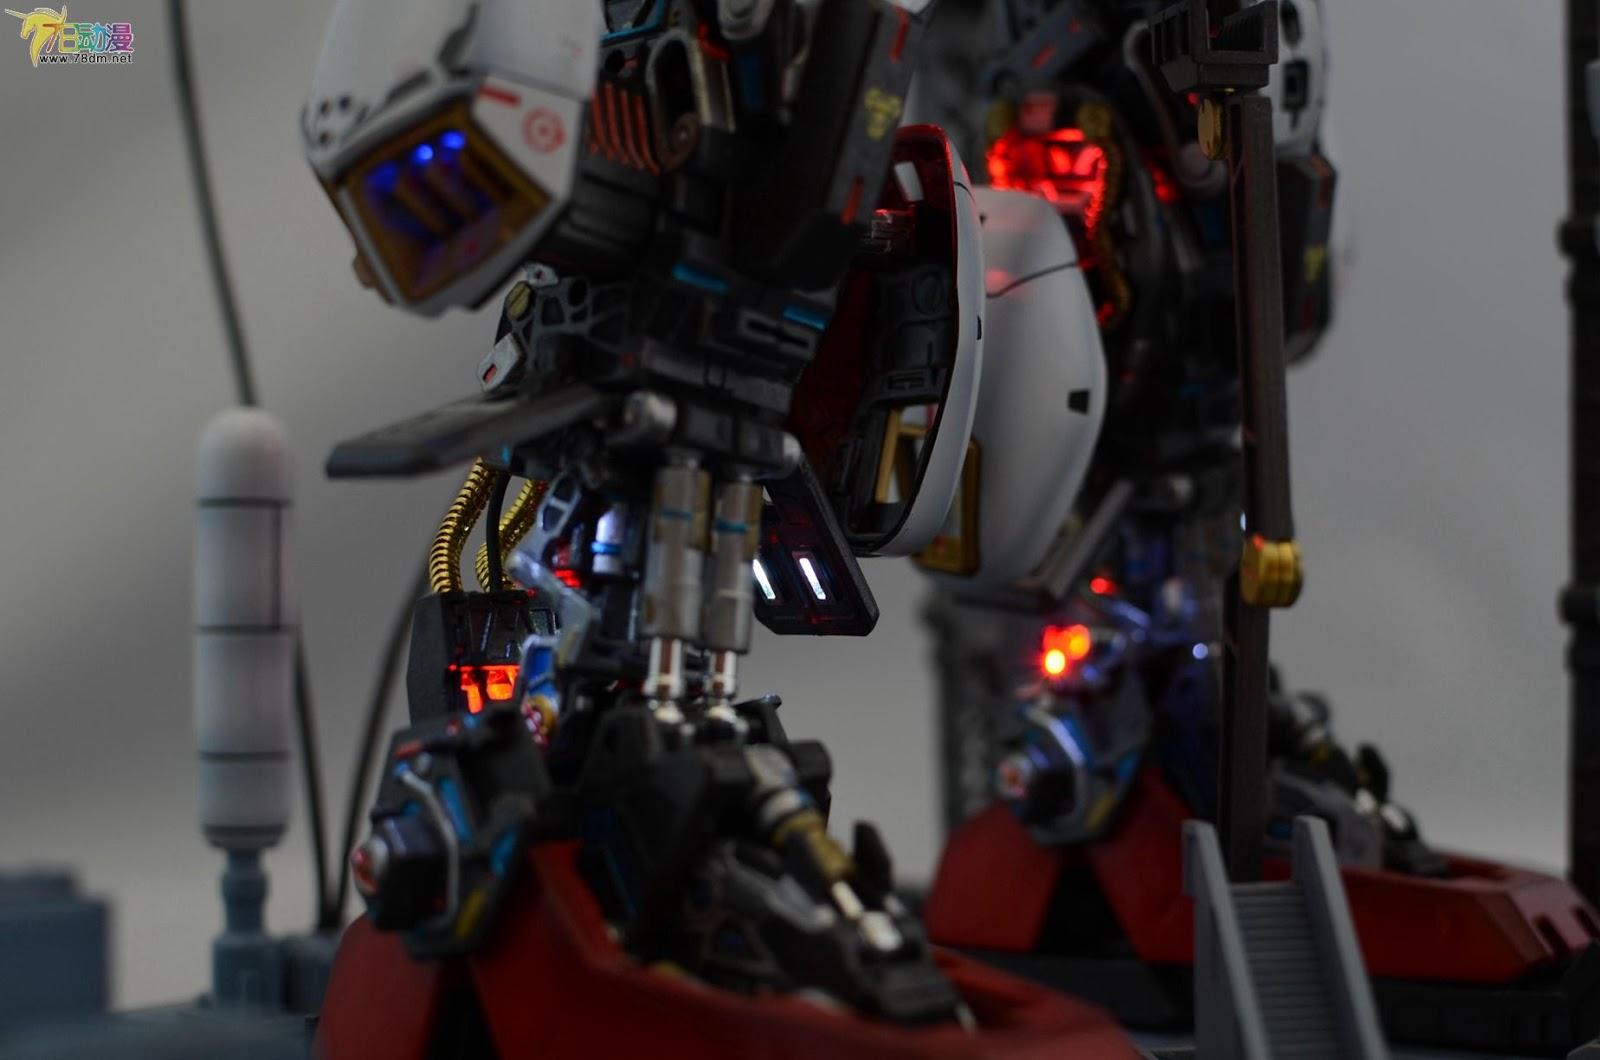 PG 1/60 RX-178 Gundam Mk-II AEUG - Diorama Build